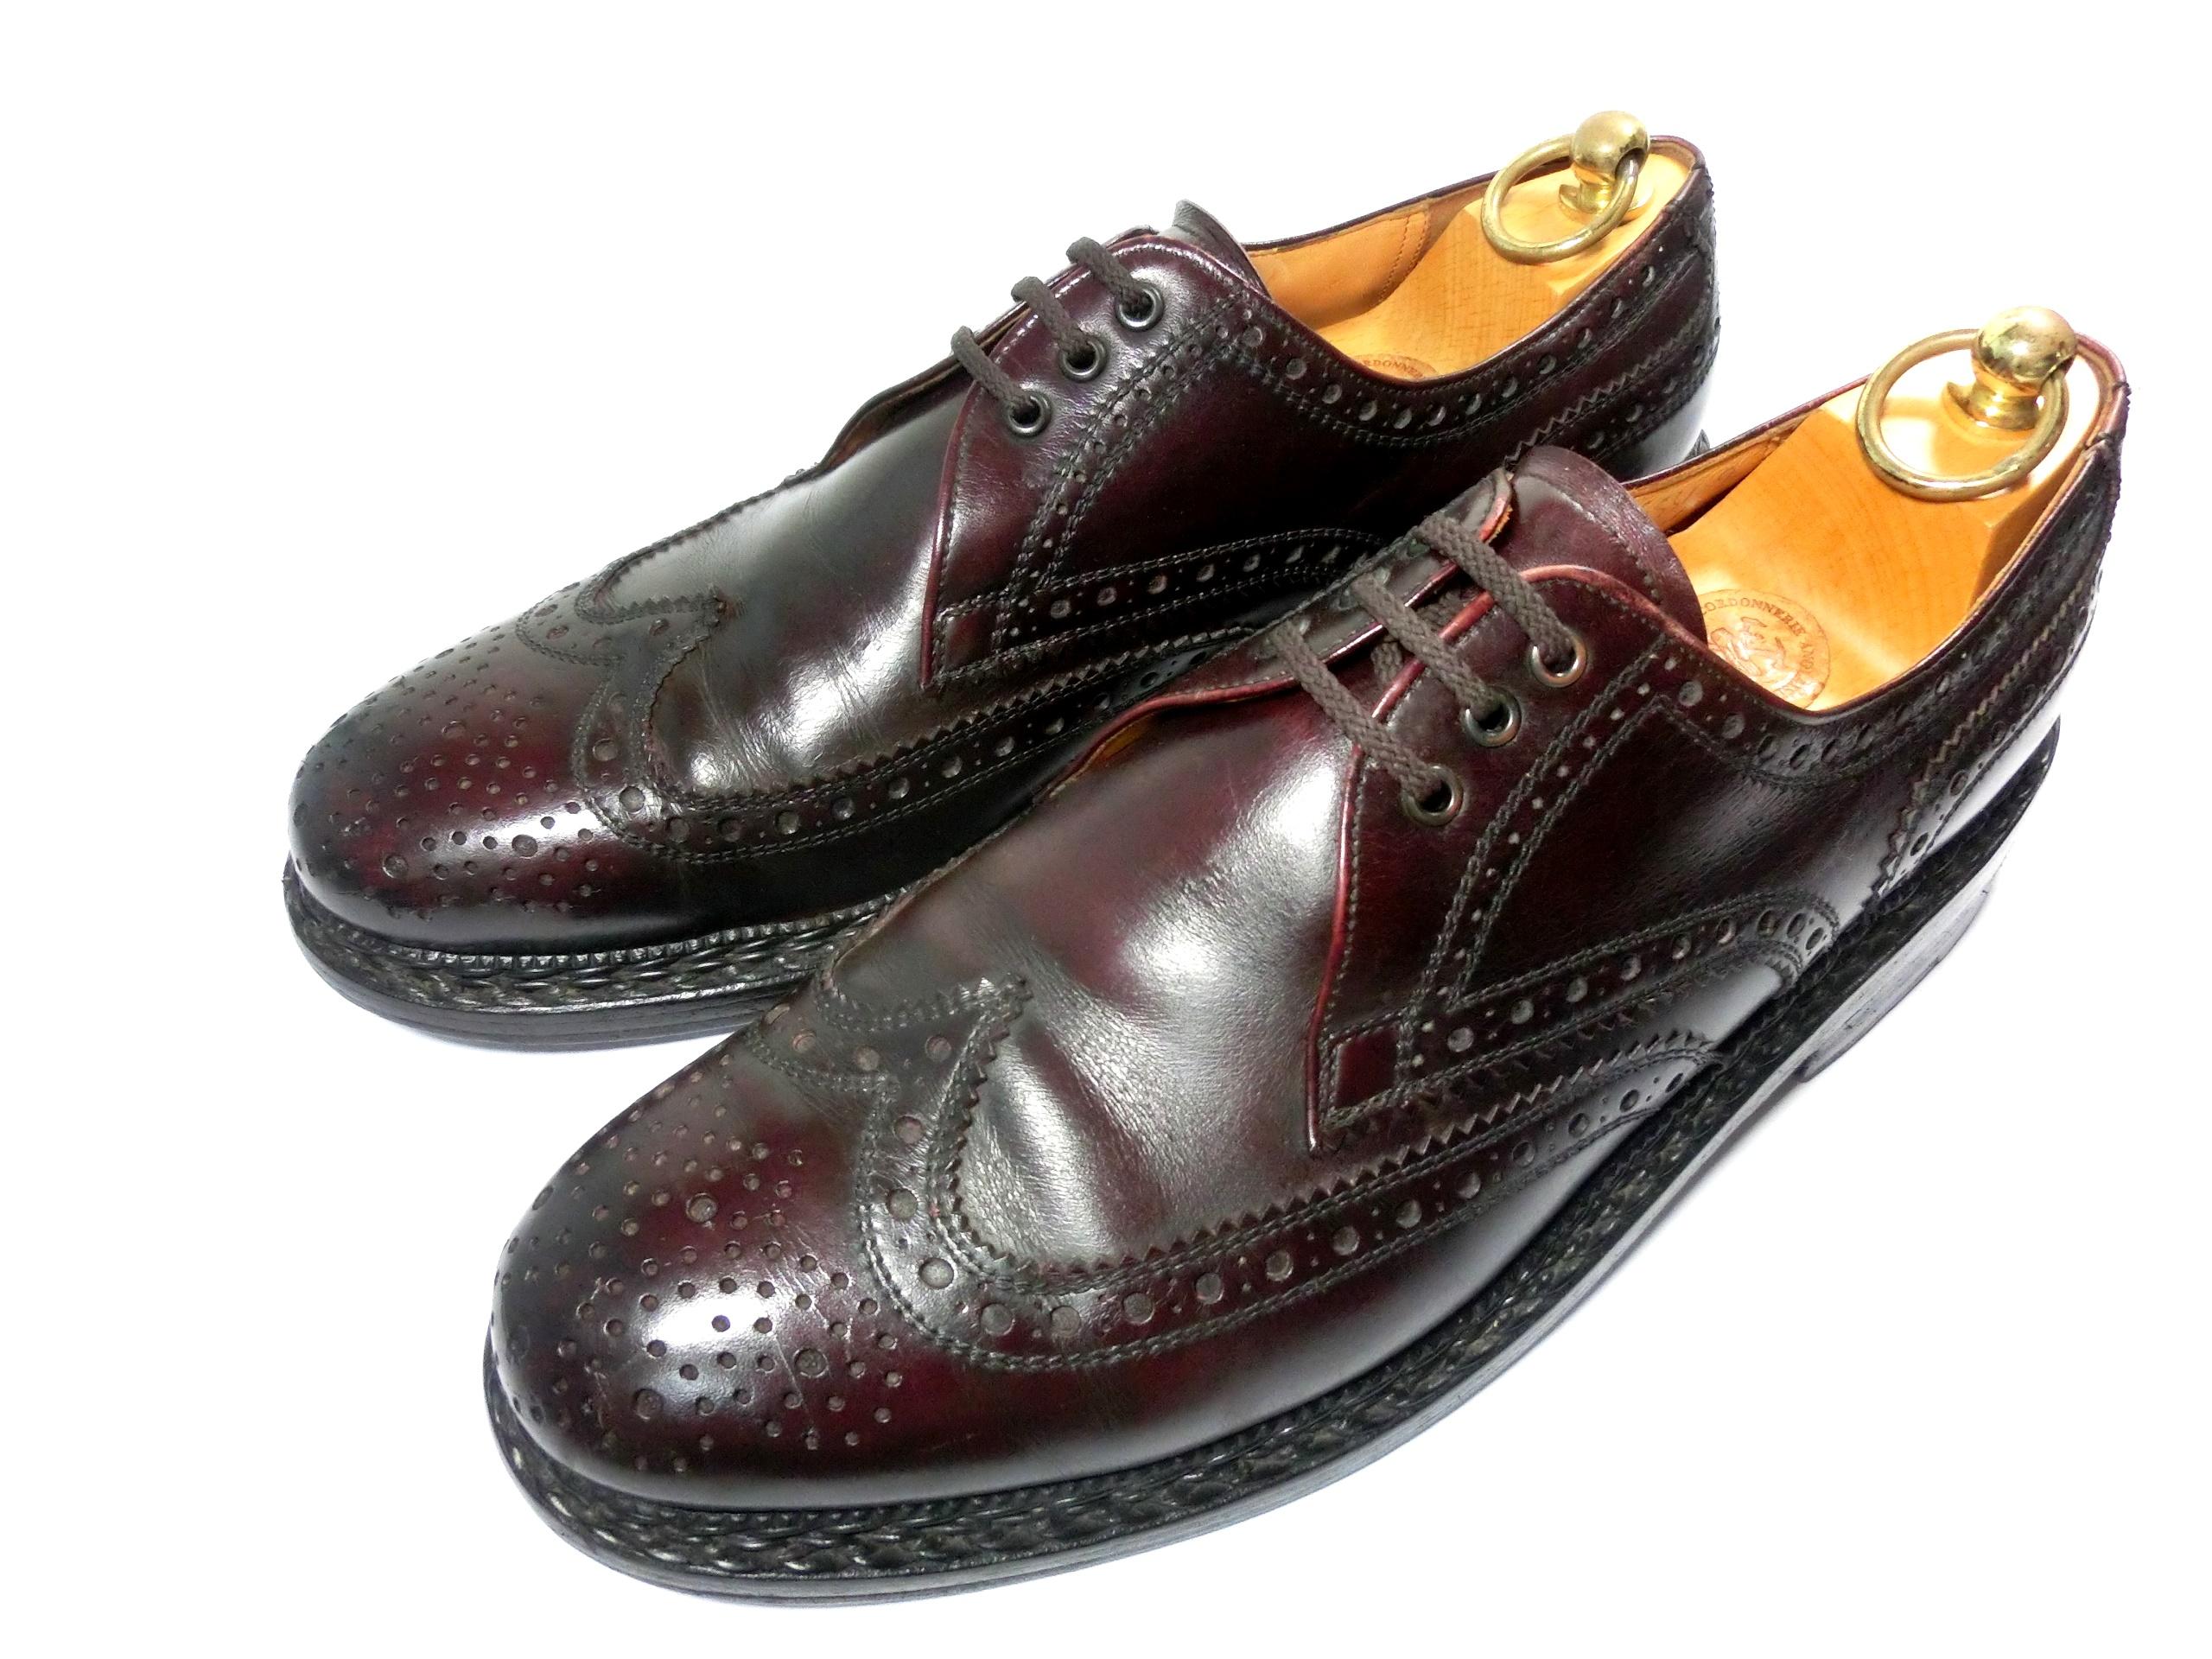 APOLLO アポロ 革靴 91/2 28cm 外羽根 ウイングチップ ディンケラッカー